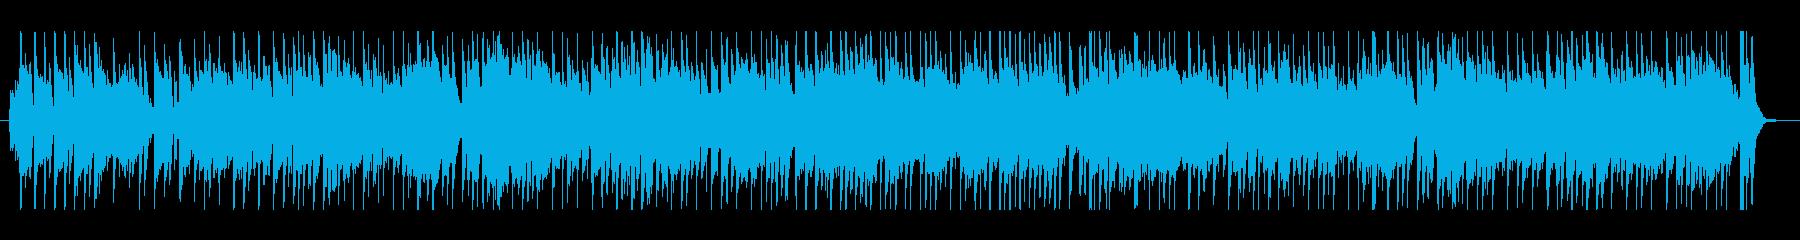 明るく温かみのある日常を感じる曲の再生済みの波形